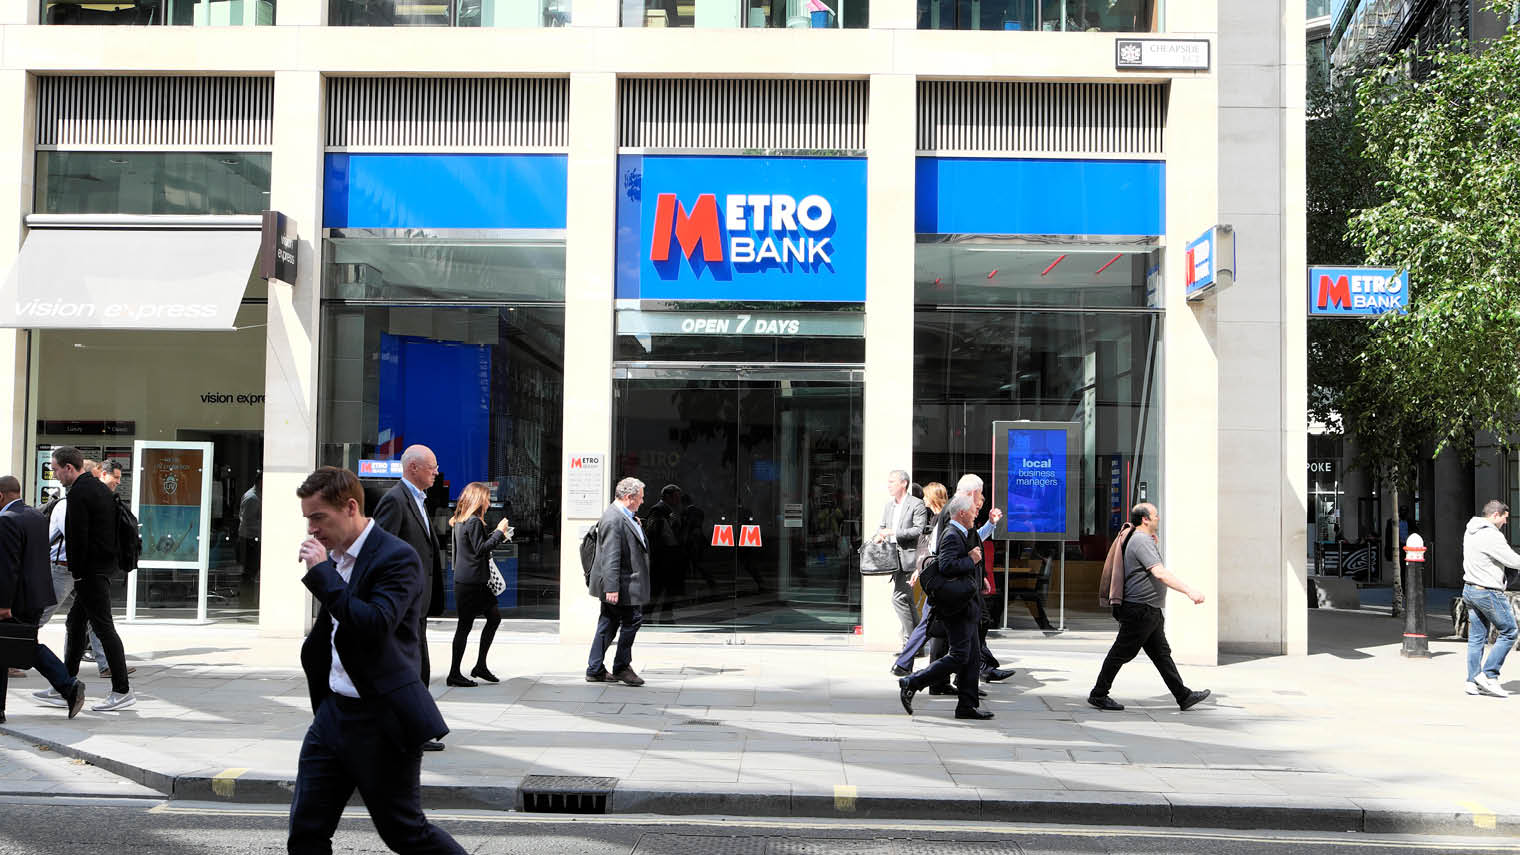 Metro Bank storefront